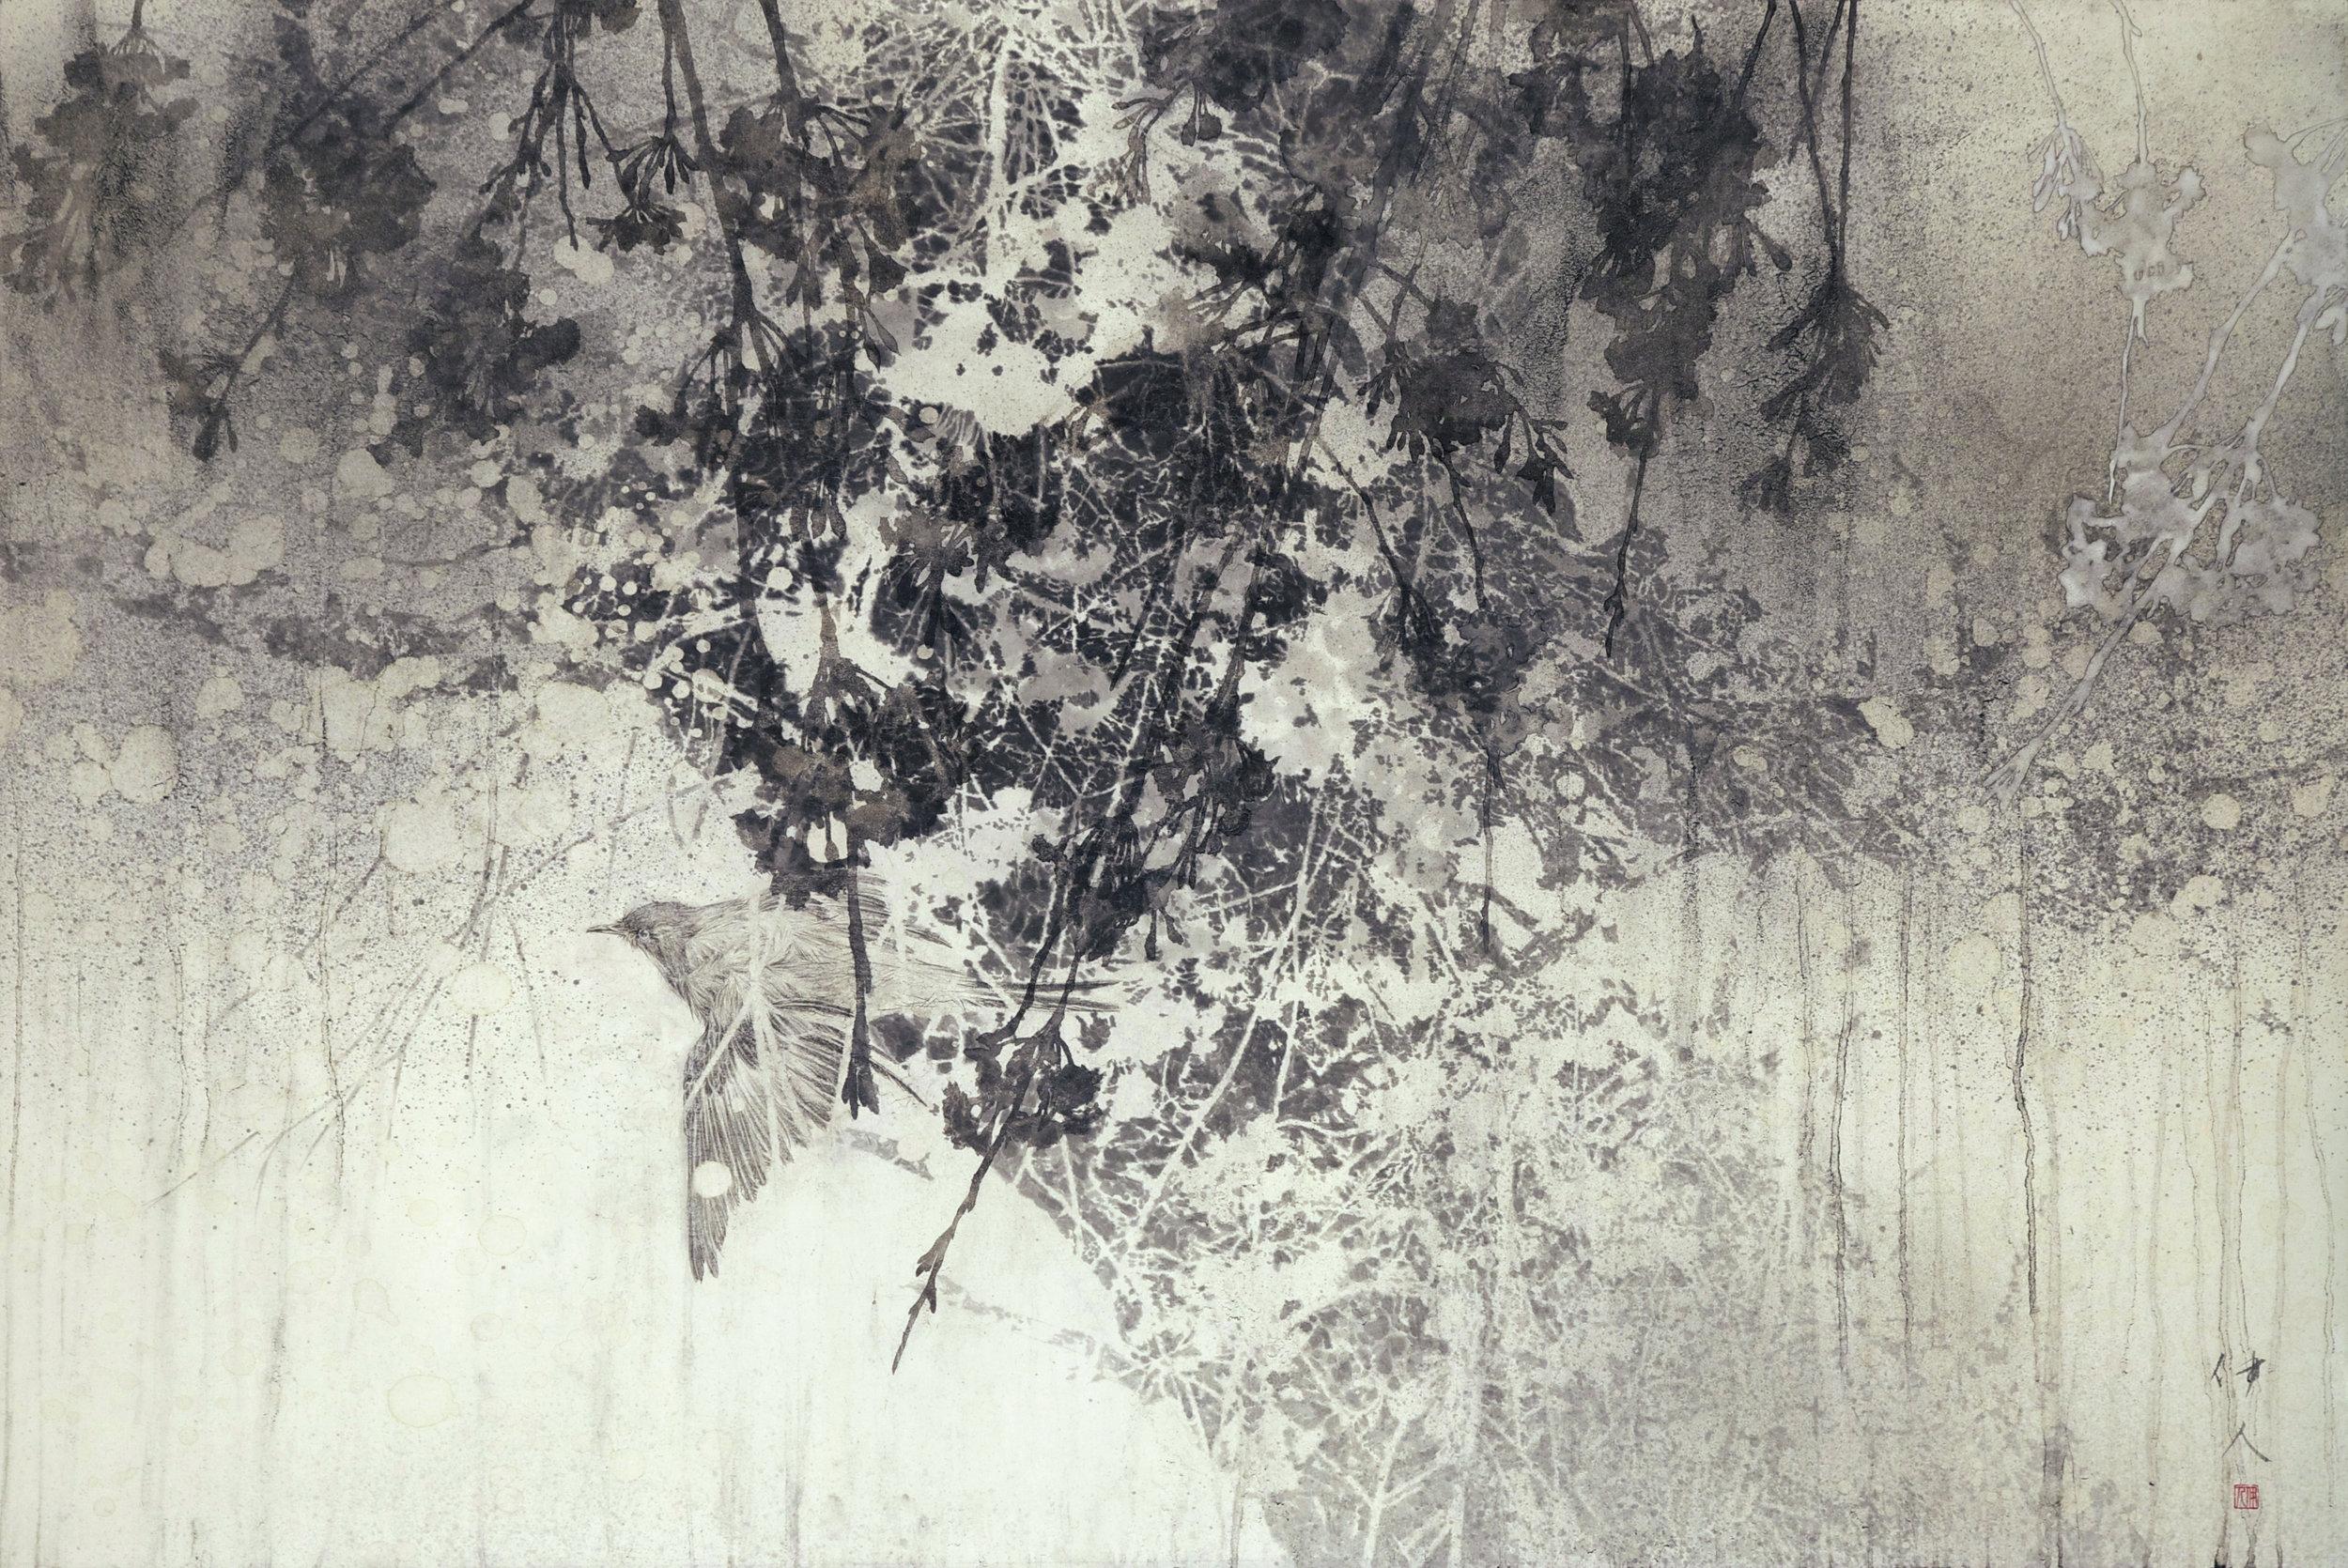 Yoshihito Kawase 'Cherry Blossoms' 2015